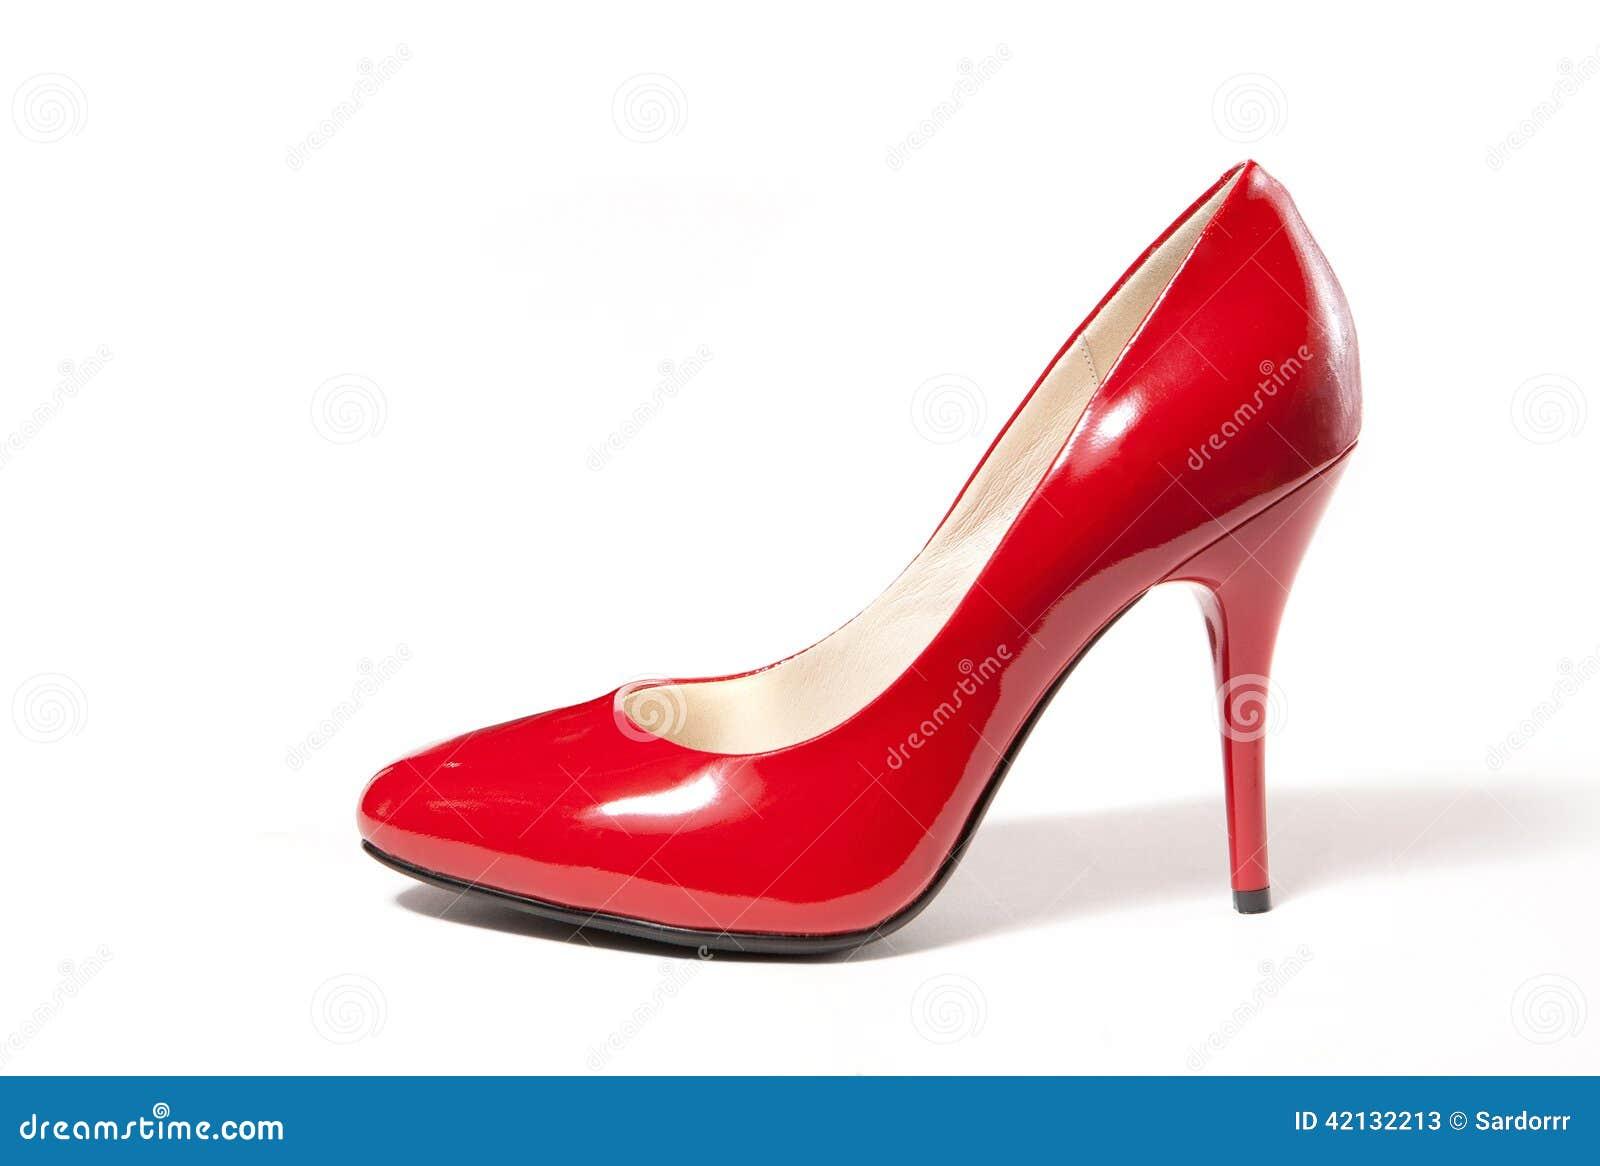 chaussure rouge de femmes de haut talon photo stock image 42132213. Black Bedroom Furniture Sets. Home Design Ideas